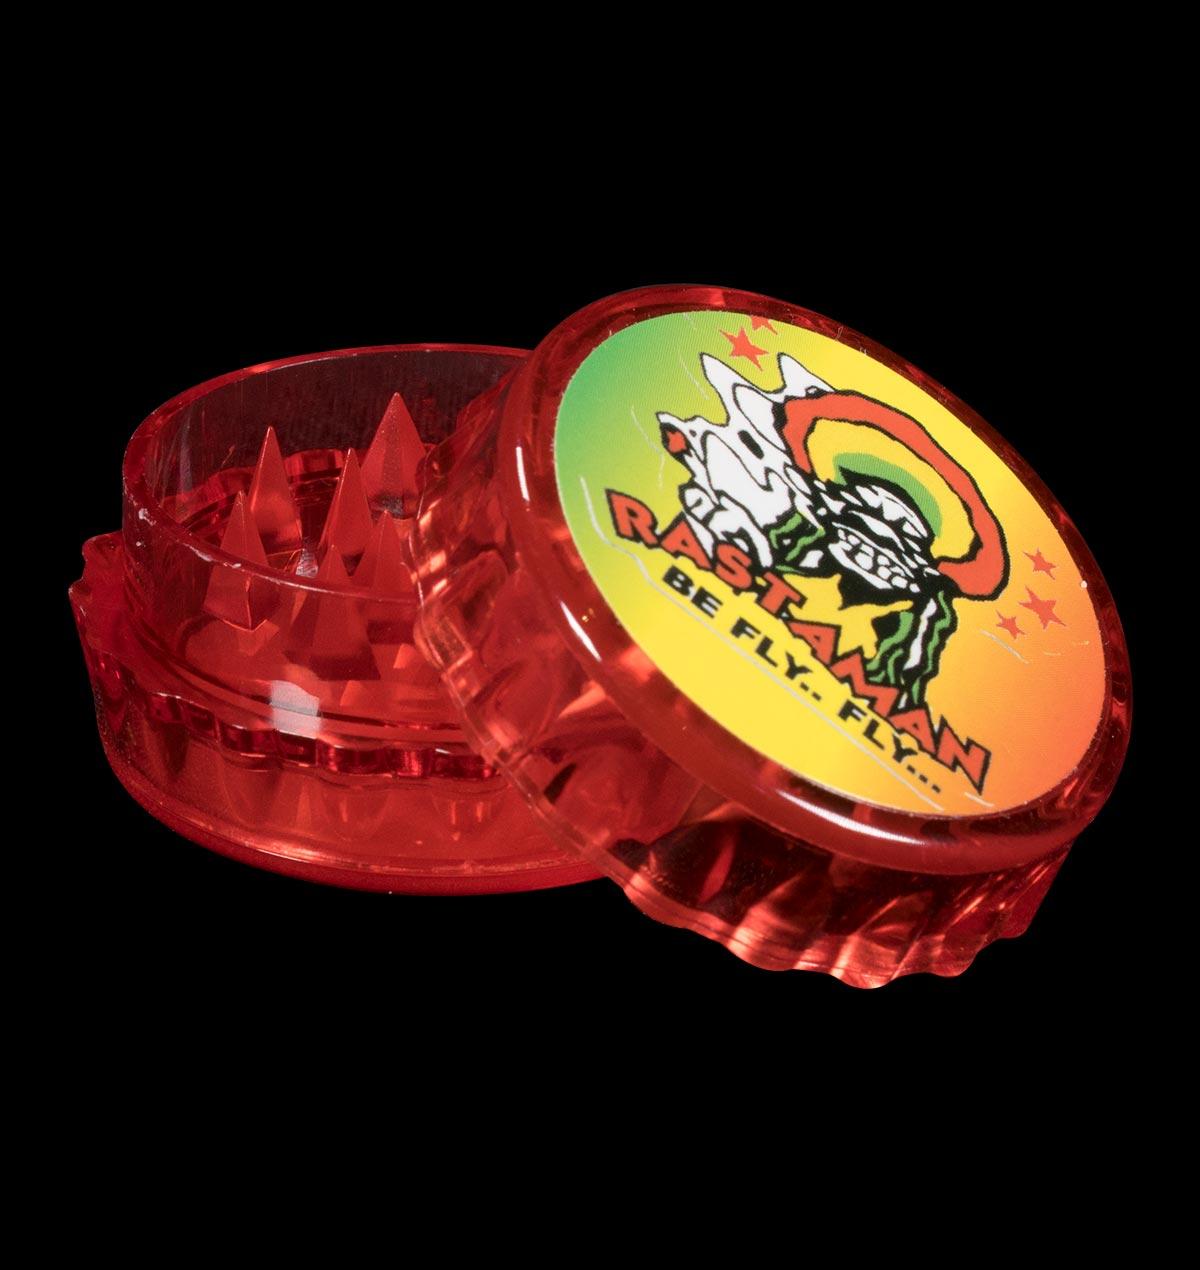 Red Plastic Rastaman Grinder